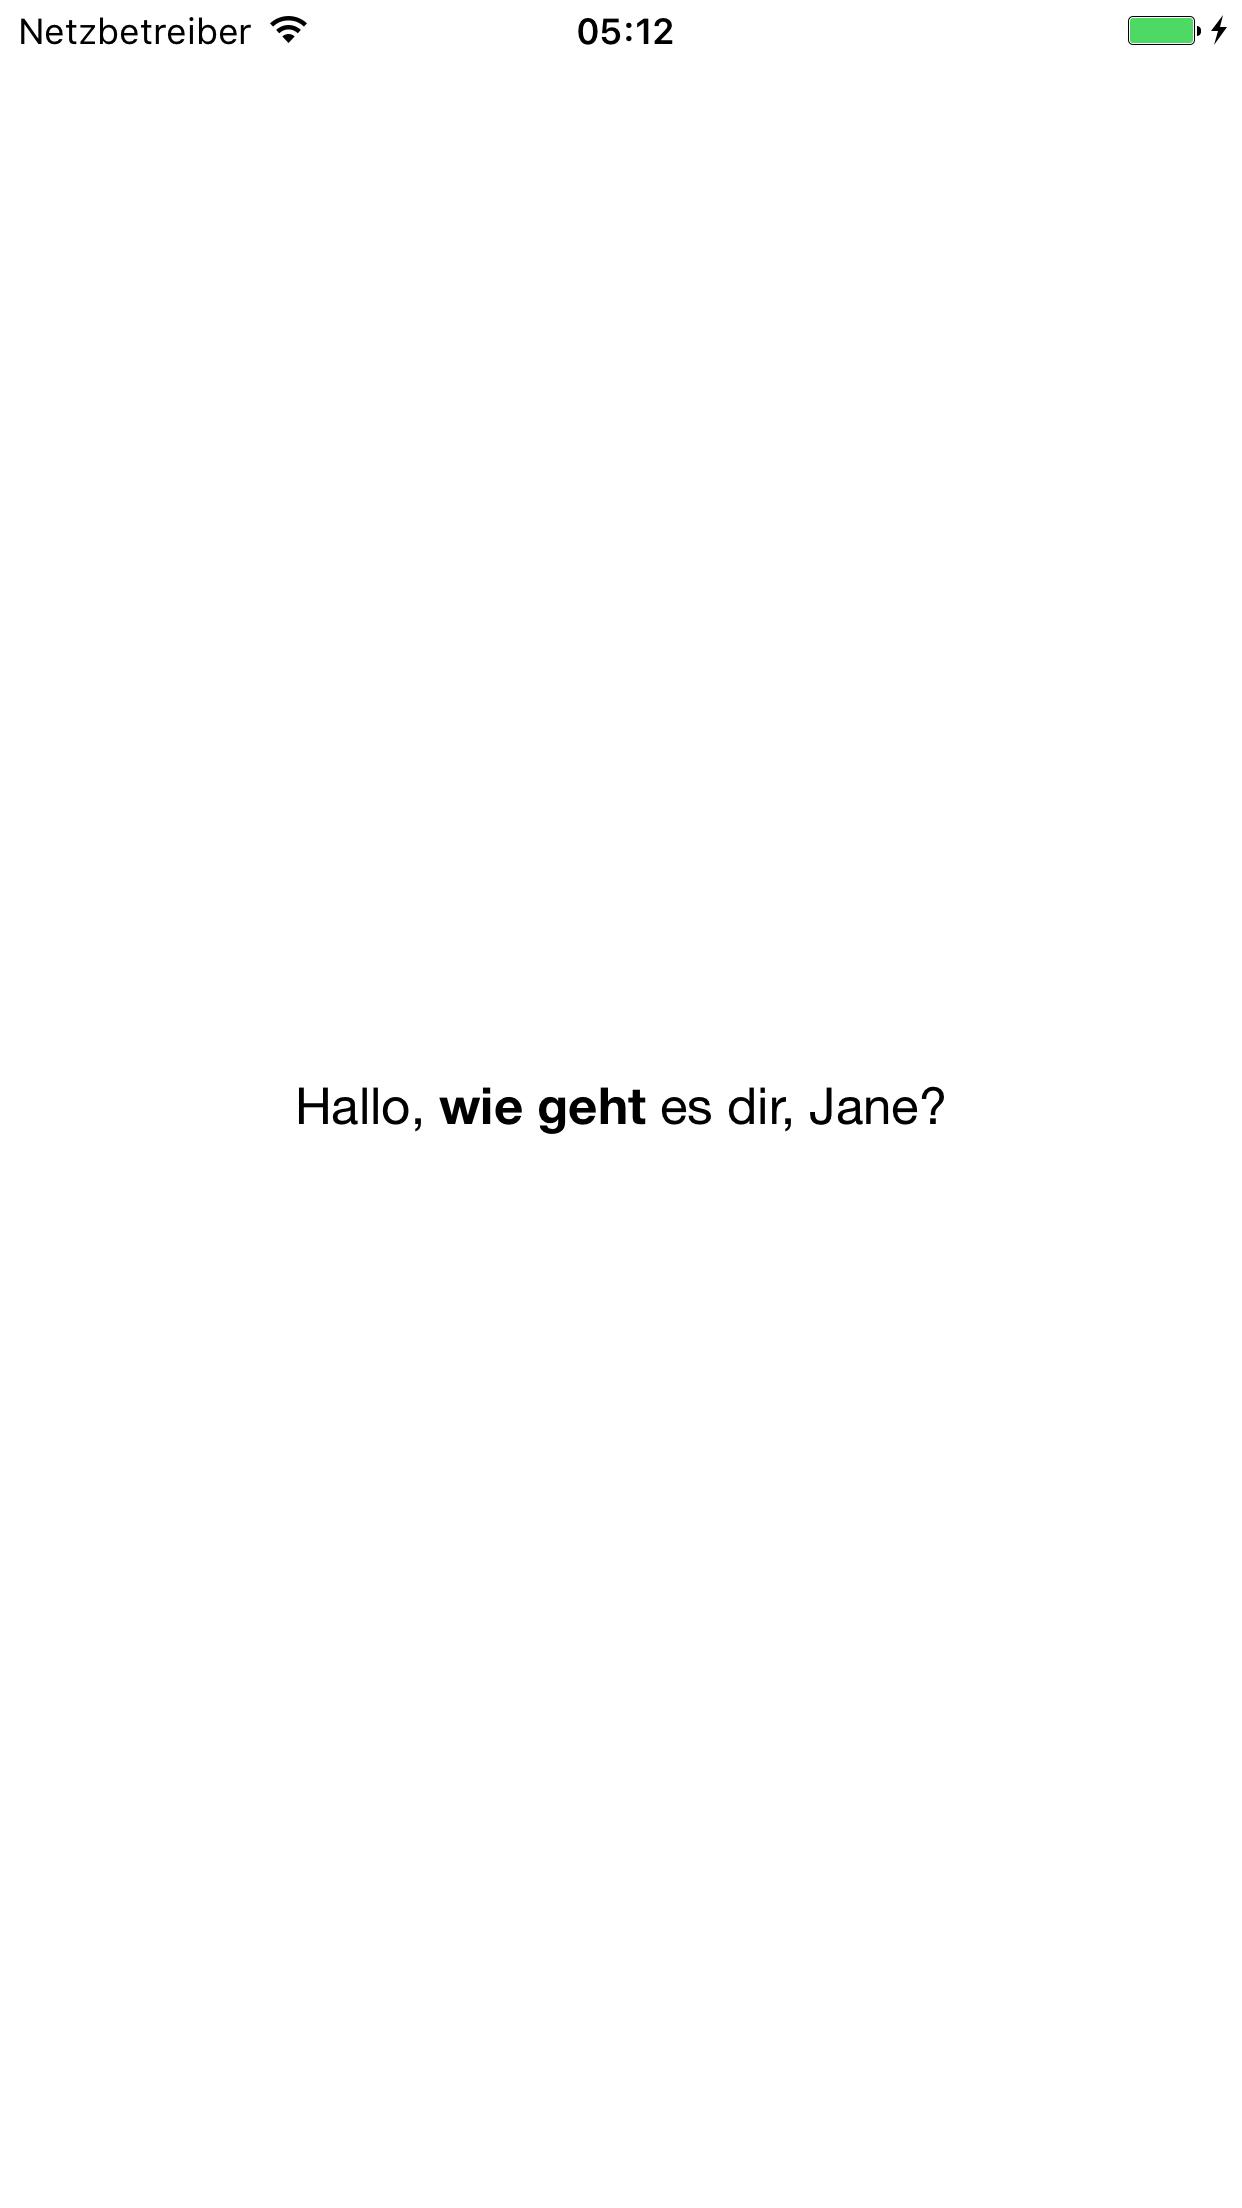 bahasa German